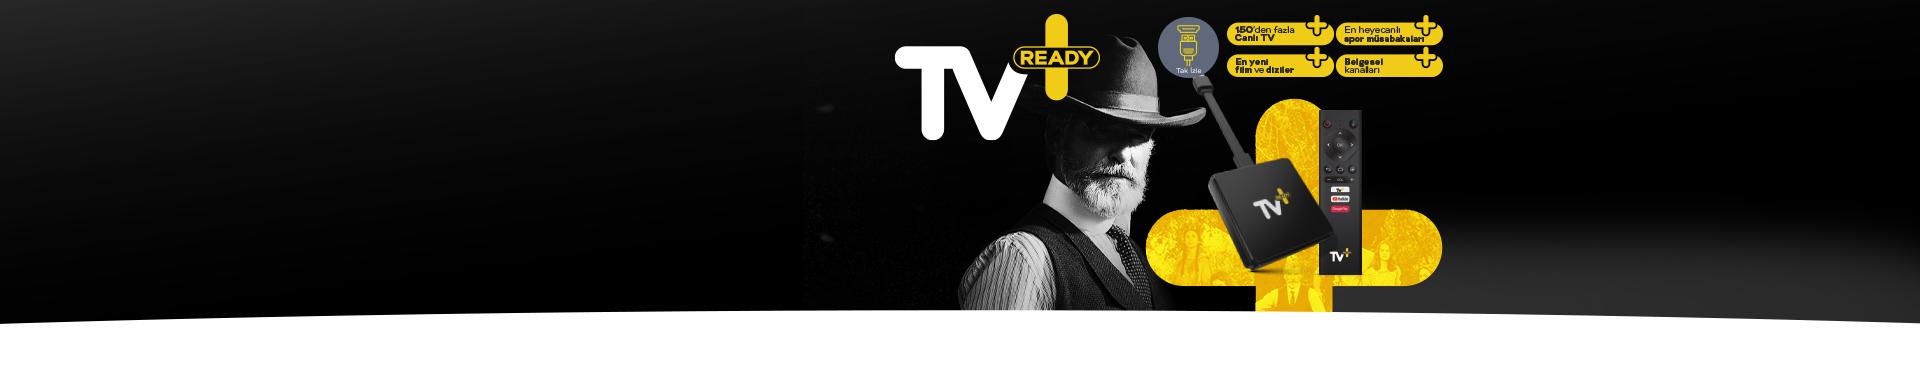 Evde eğlence için tek ihtiyacınız TV+ Ready